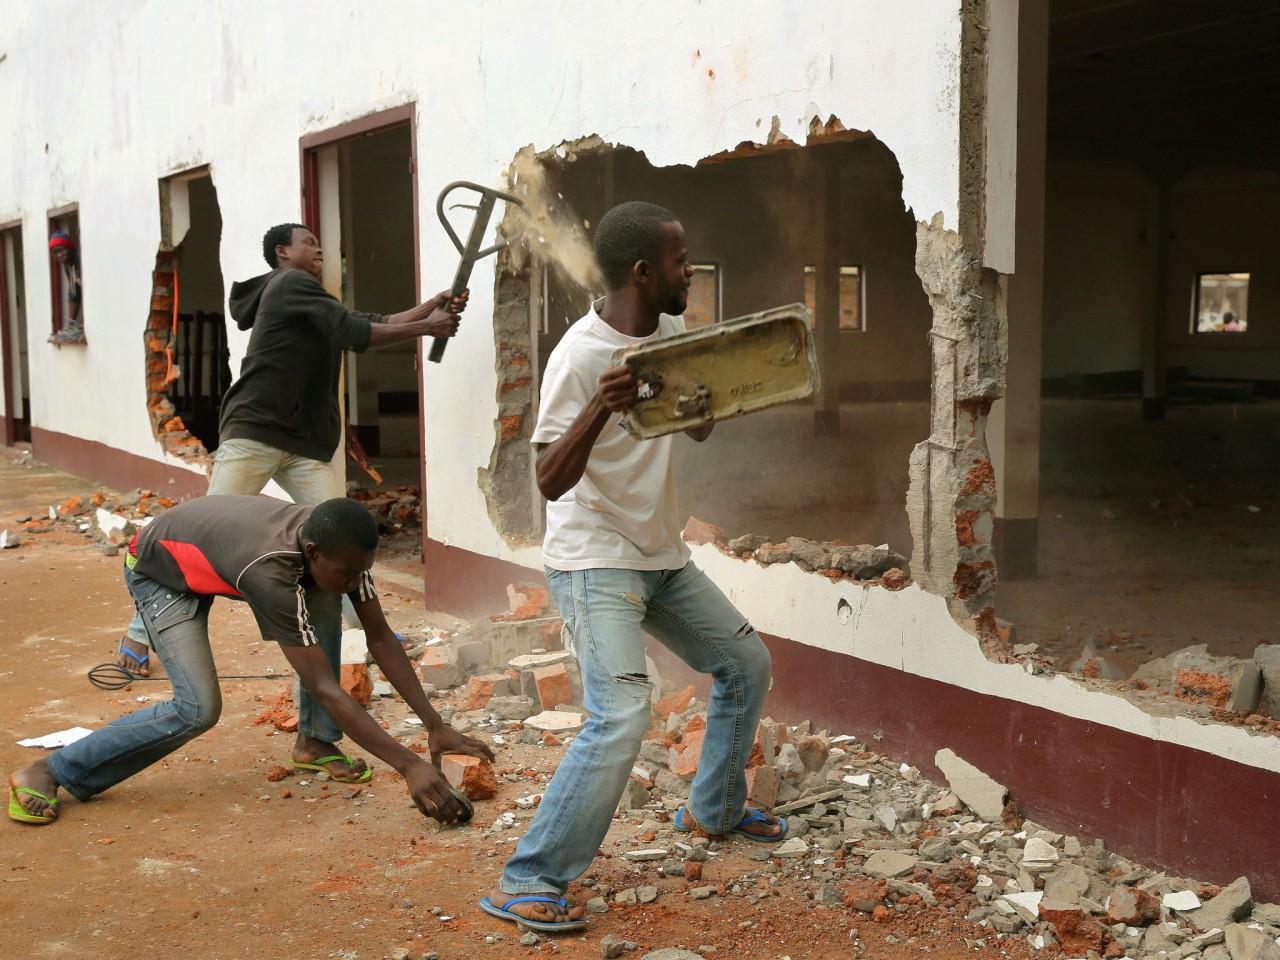 В Центрально-Африканской Республике мусульман прячут от расправы в христианских церквях